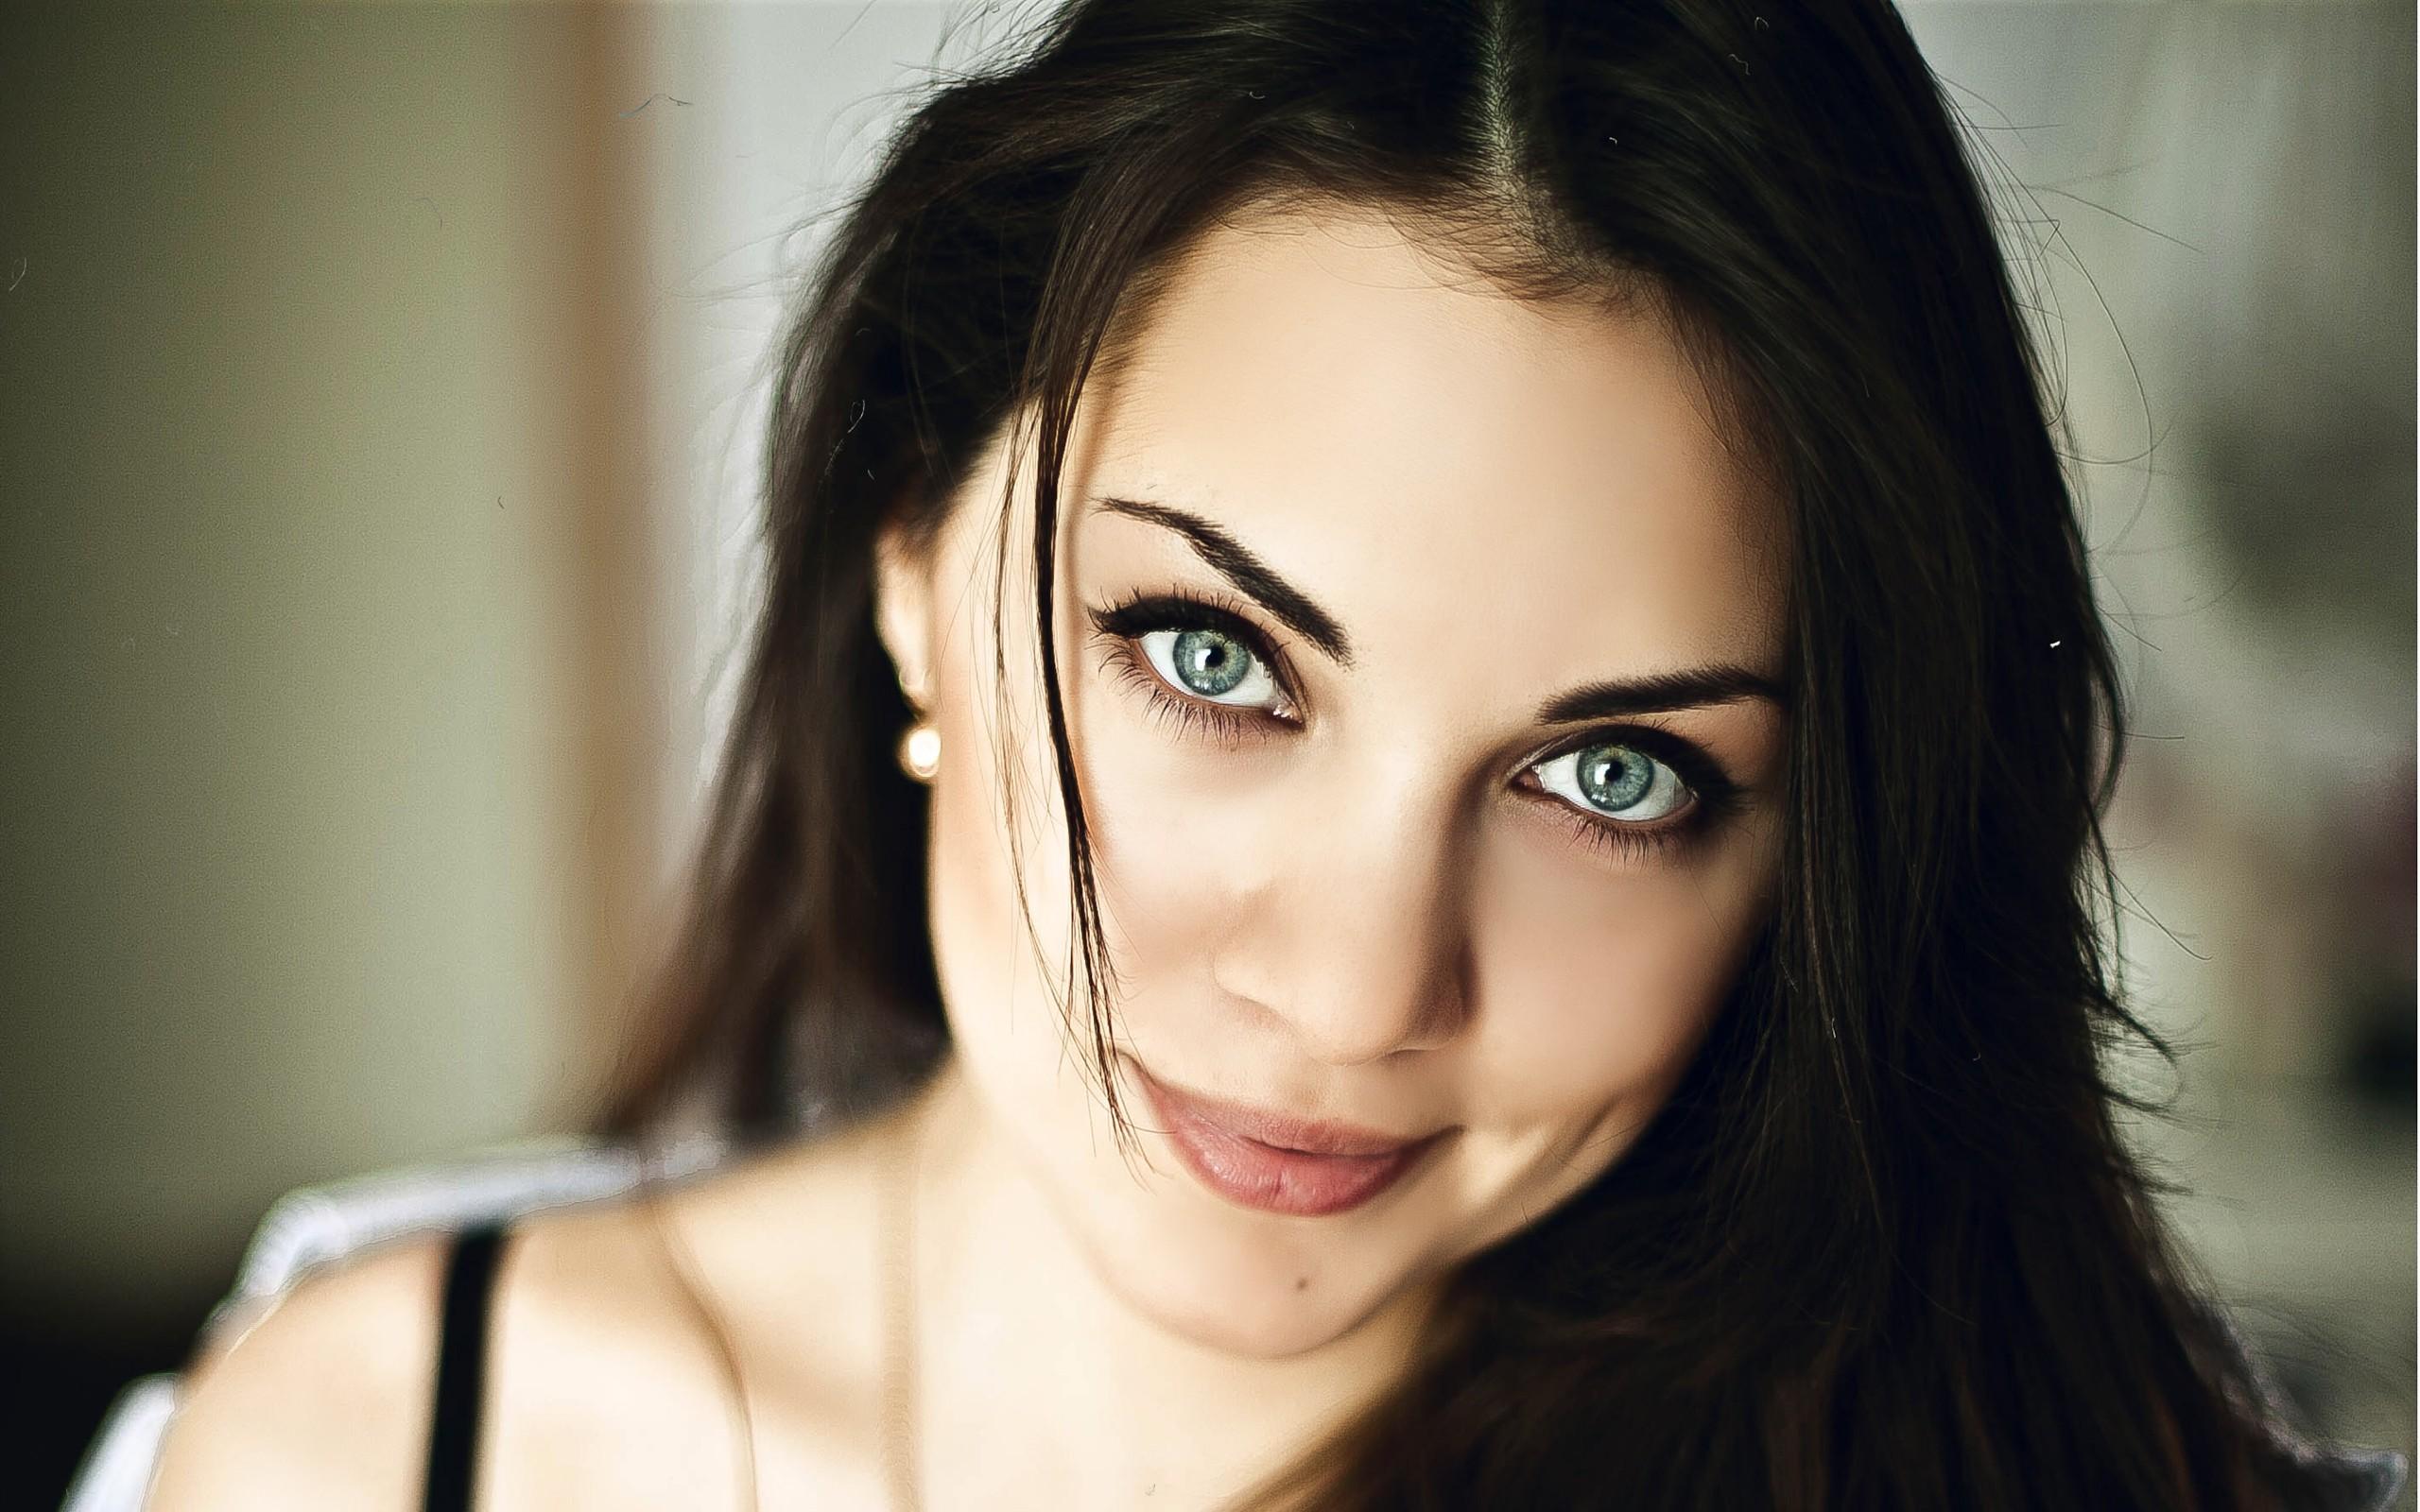 drummond brunette close - photo #24